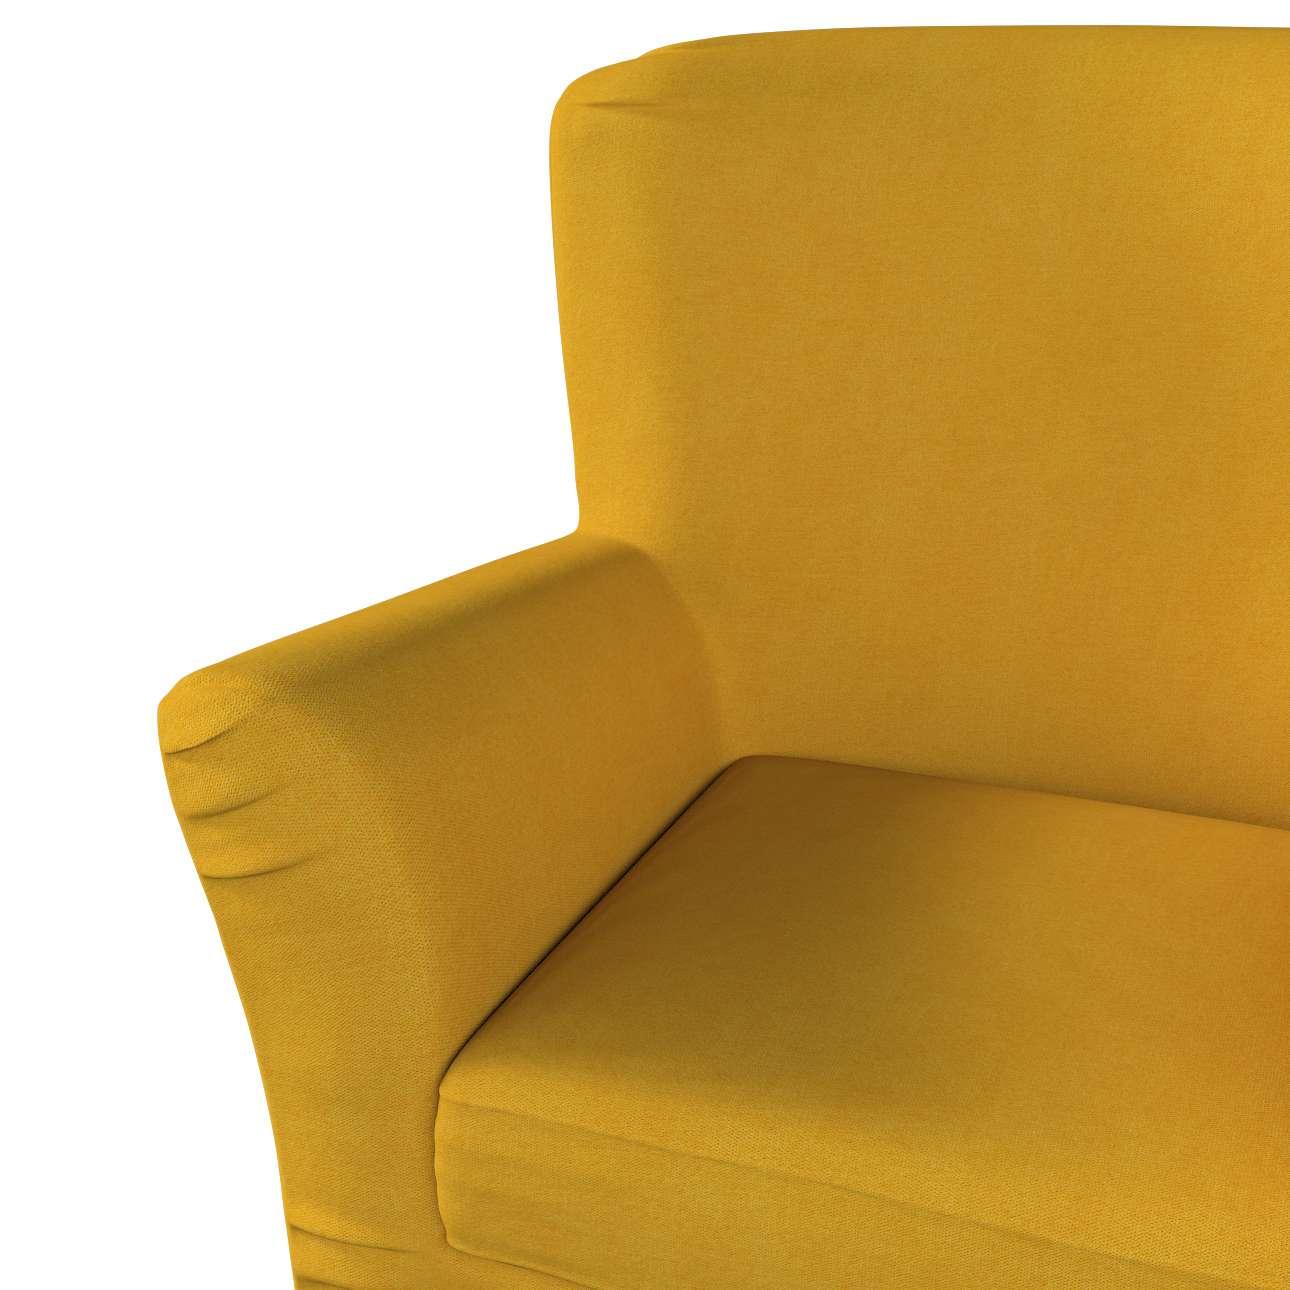 Pokrowiec na fotel Tomelilla z zakładkami w kolekcji Etna, tkanina: 705-04